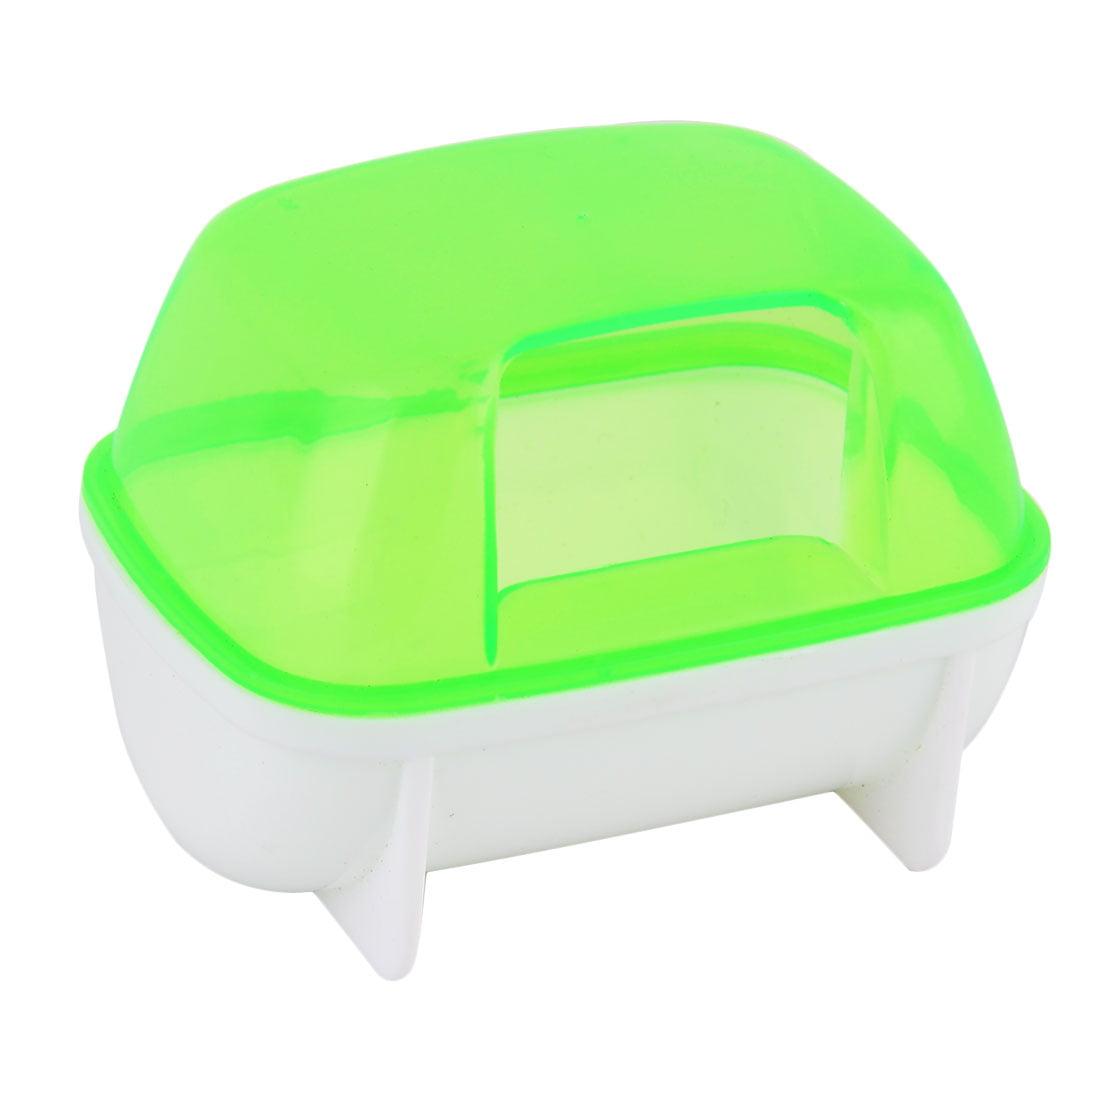 Unique Bargains Home Pet Plastic Gerbil Dual Hole Bath Bathing House Sand Cage Hamster Green by Unique-Bargains